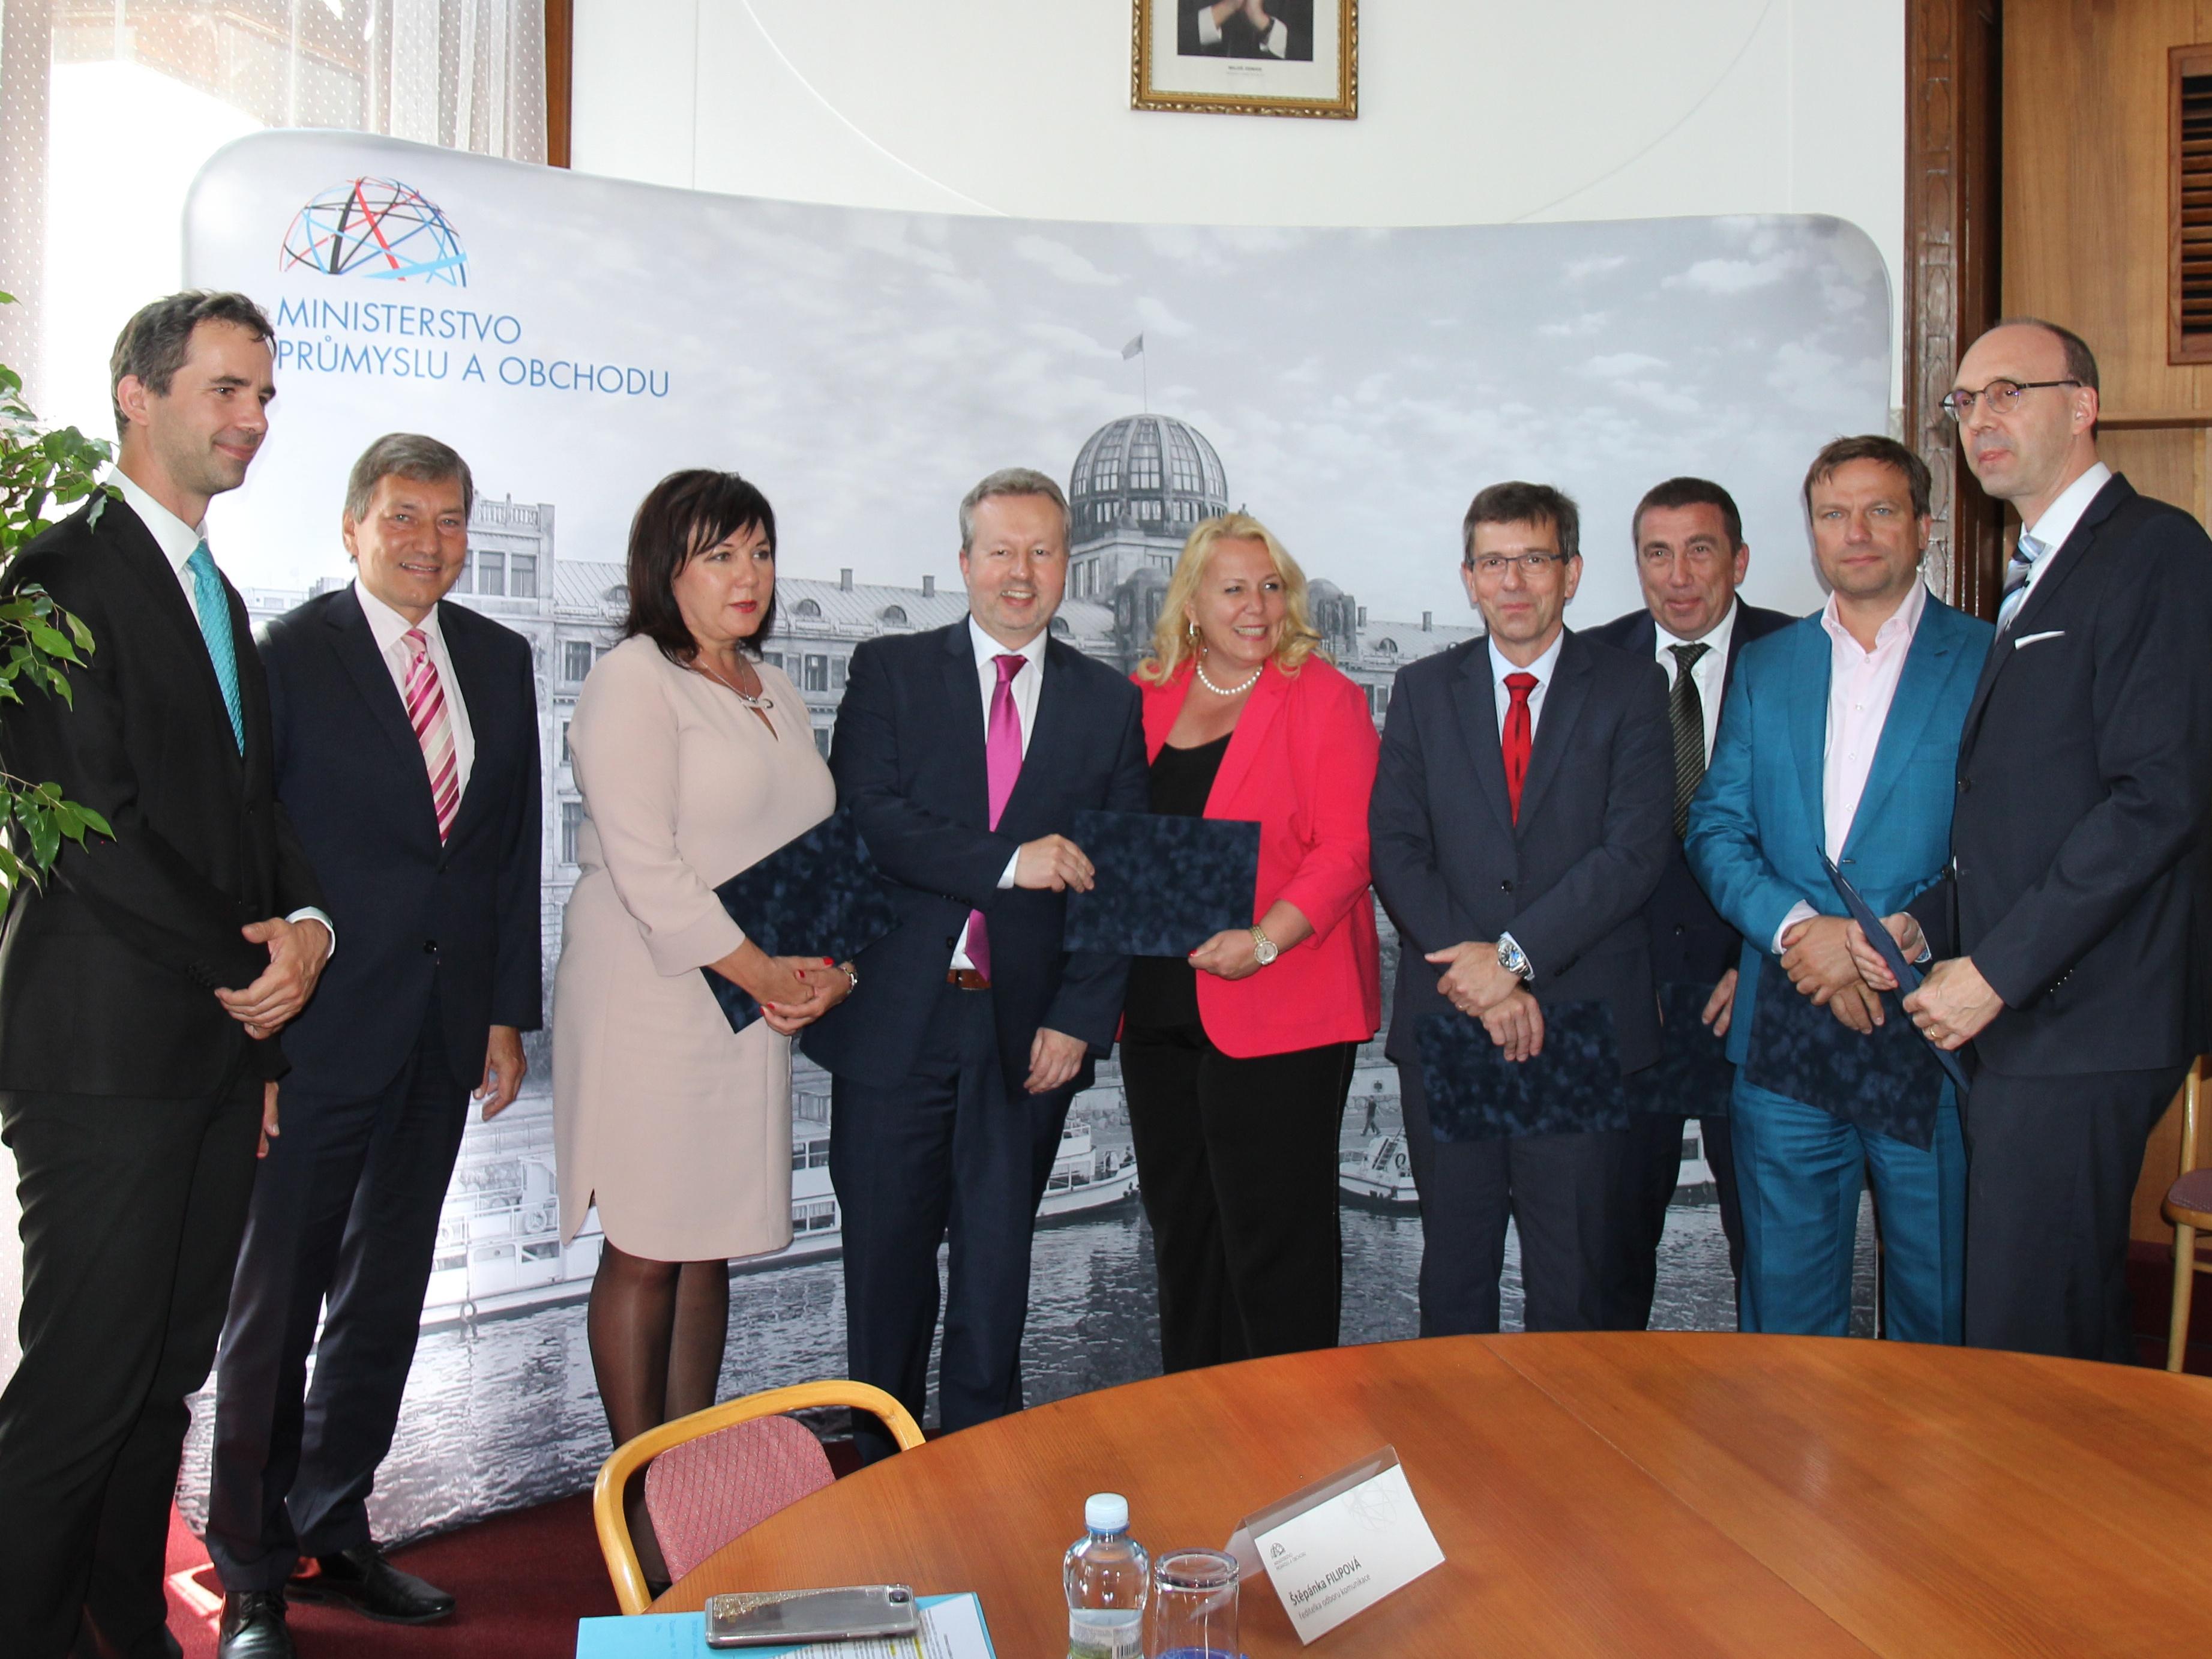 Memorandum podpoří další rozvoj vozidel na CNG do roku 2025. Stát tak chce přispět ke snížení znečištění ovzduší